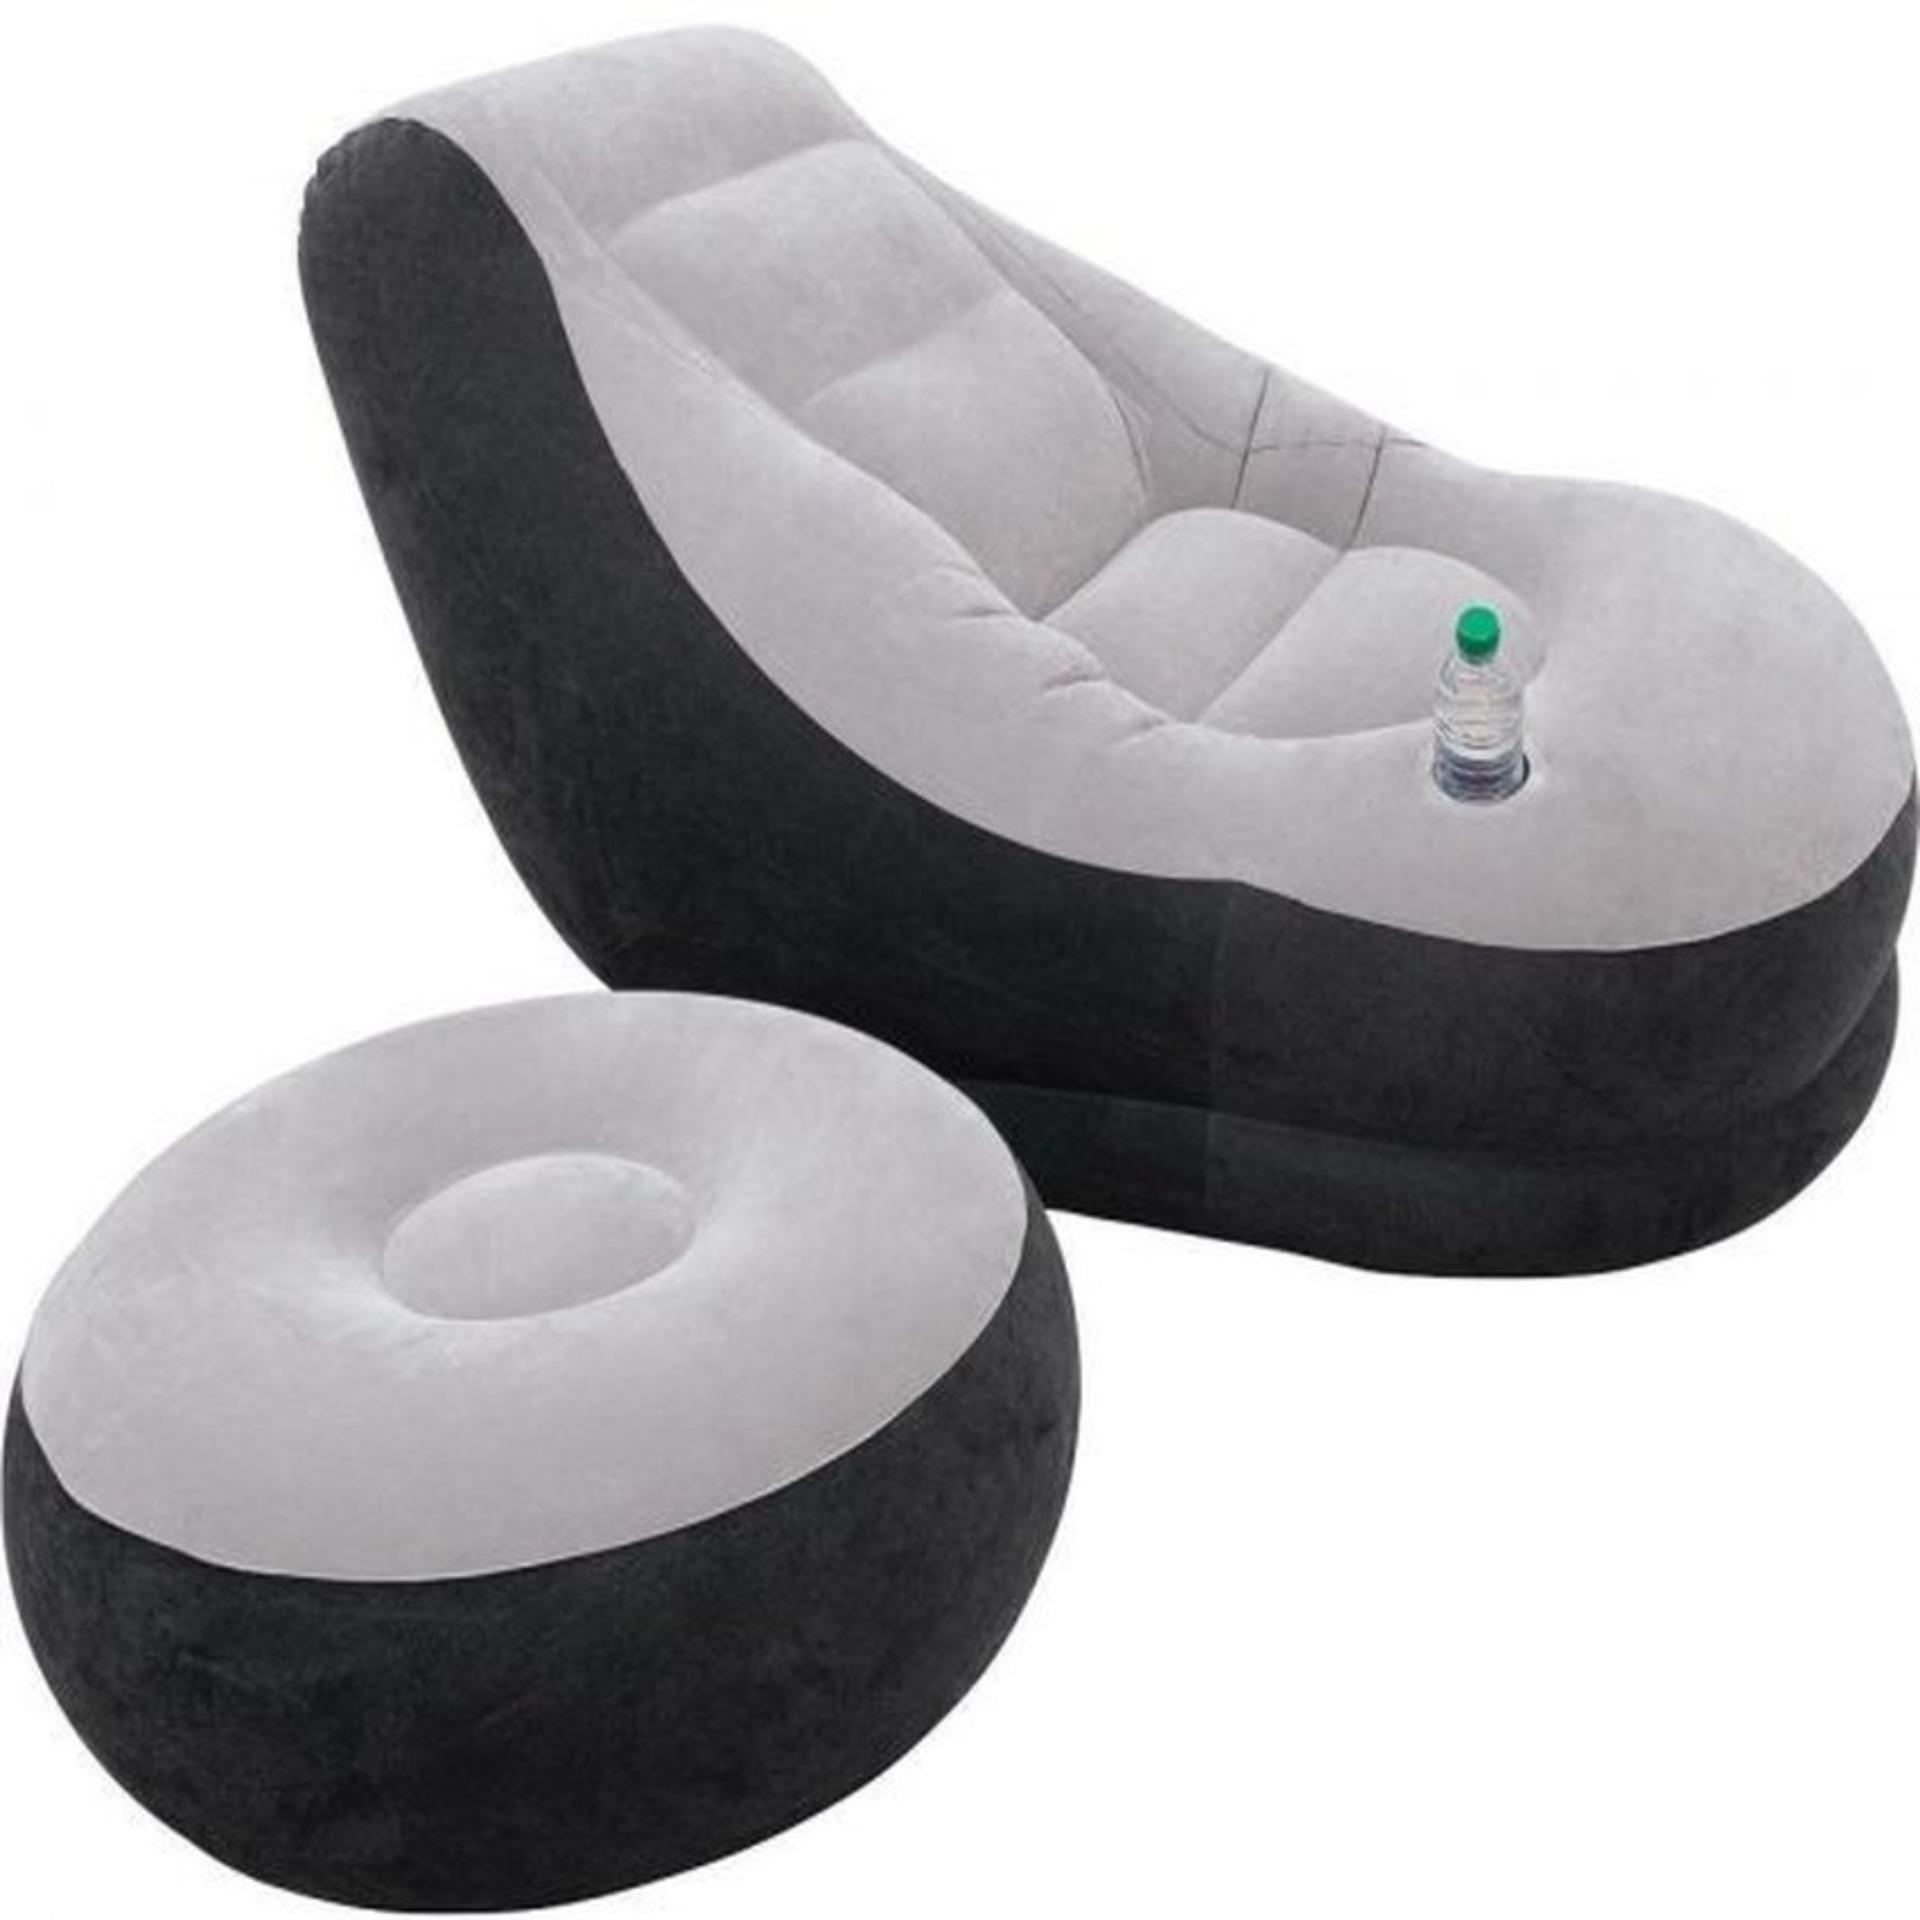 Ghế hơi tựa lưng bọc nhung Lazy Sofa, có đôn gác chân + tặng đồ bơm